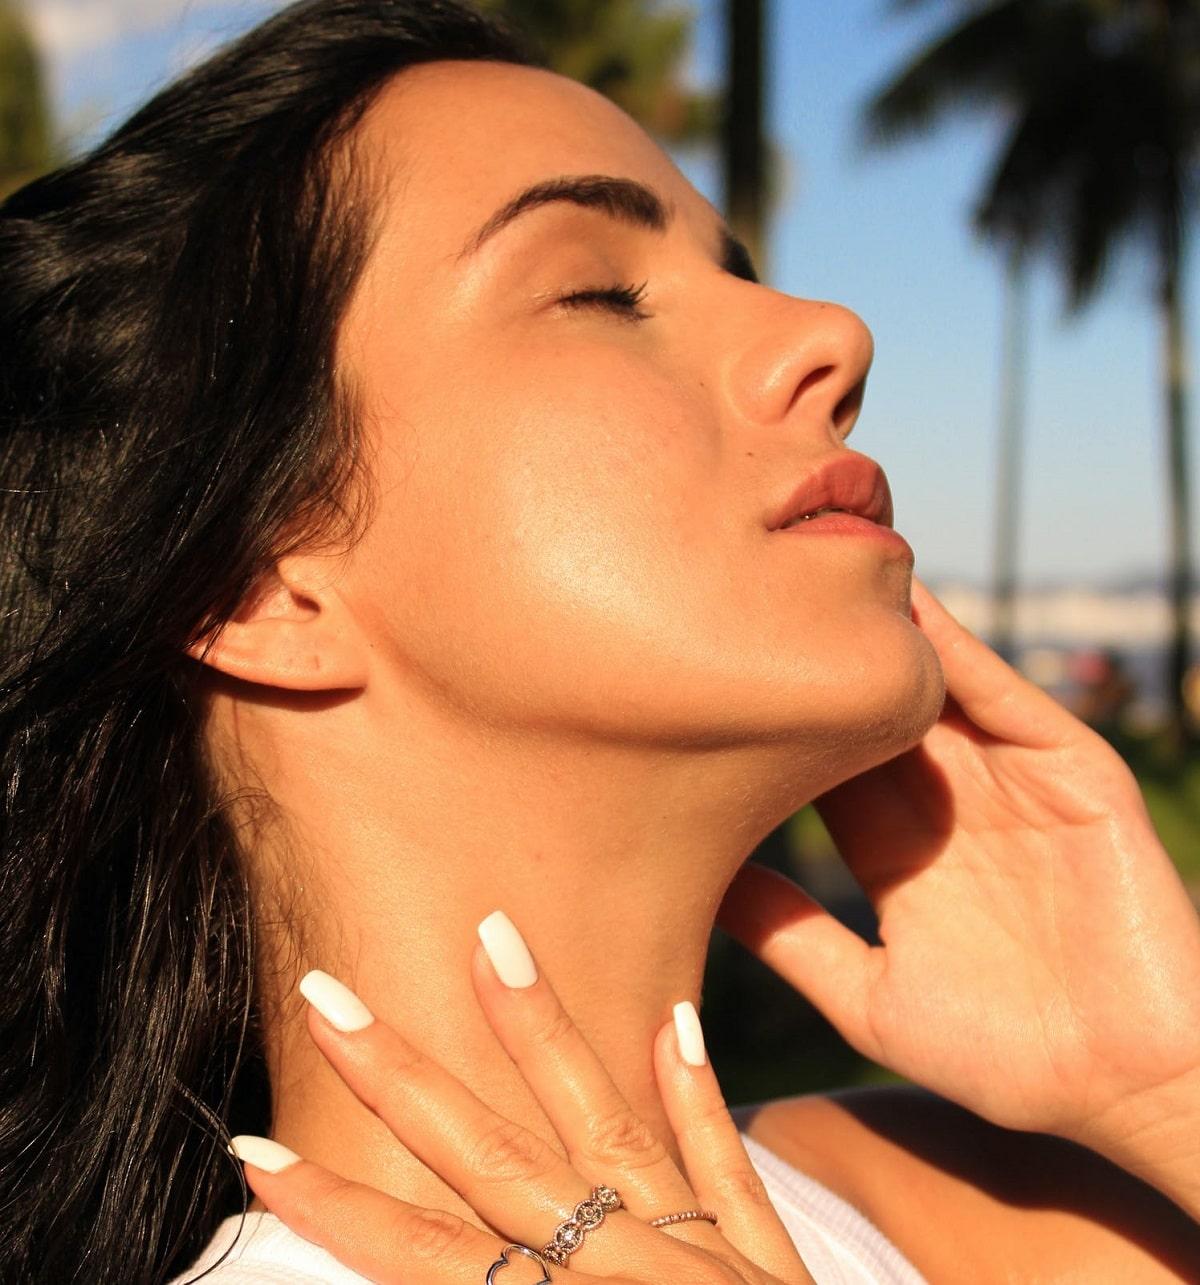 proteger piel sol